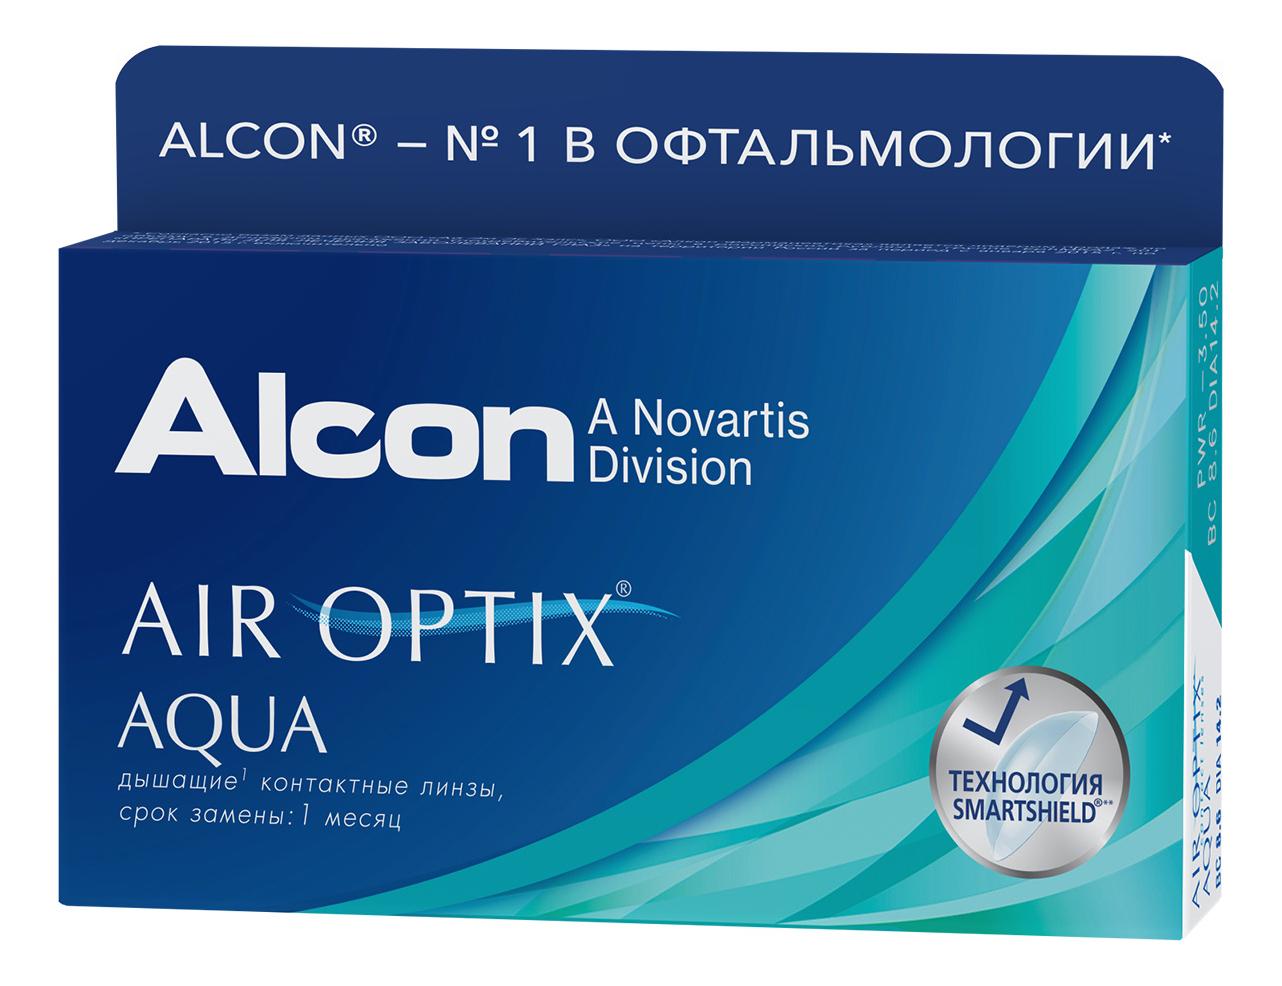 Дышащие контактные линзы AIR Optix Aqua (6 блистеров): оптическая сила -5,00; радиус кривизны 8,6 контактные линзы alcon air optix aqua 6 шт r 8 6 d 05 25